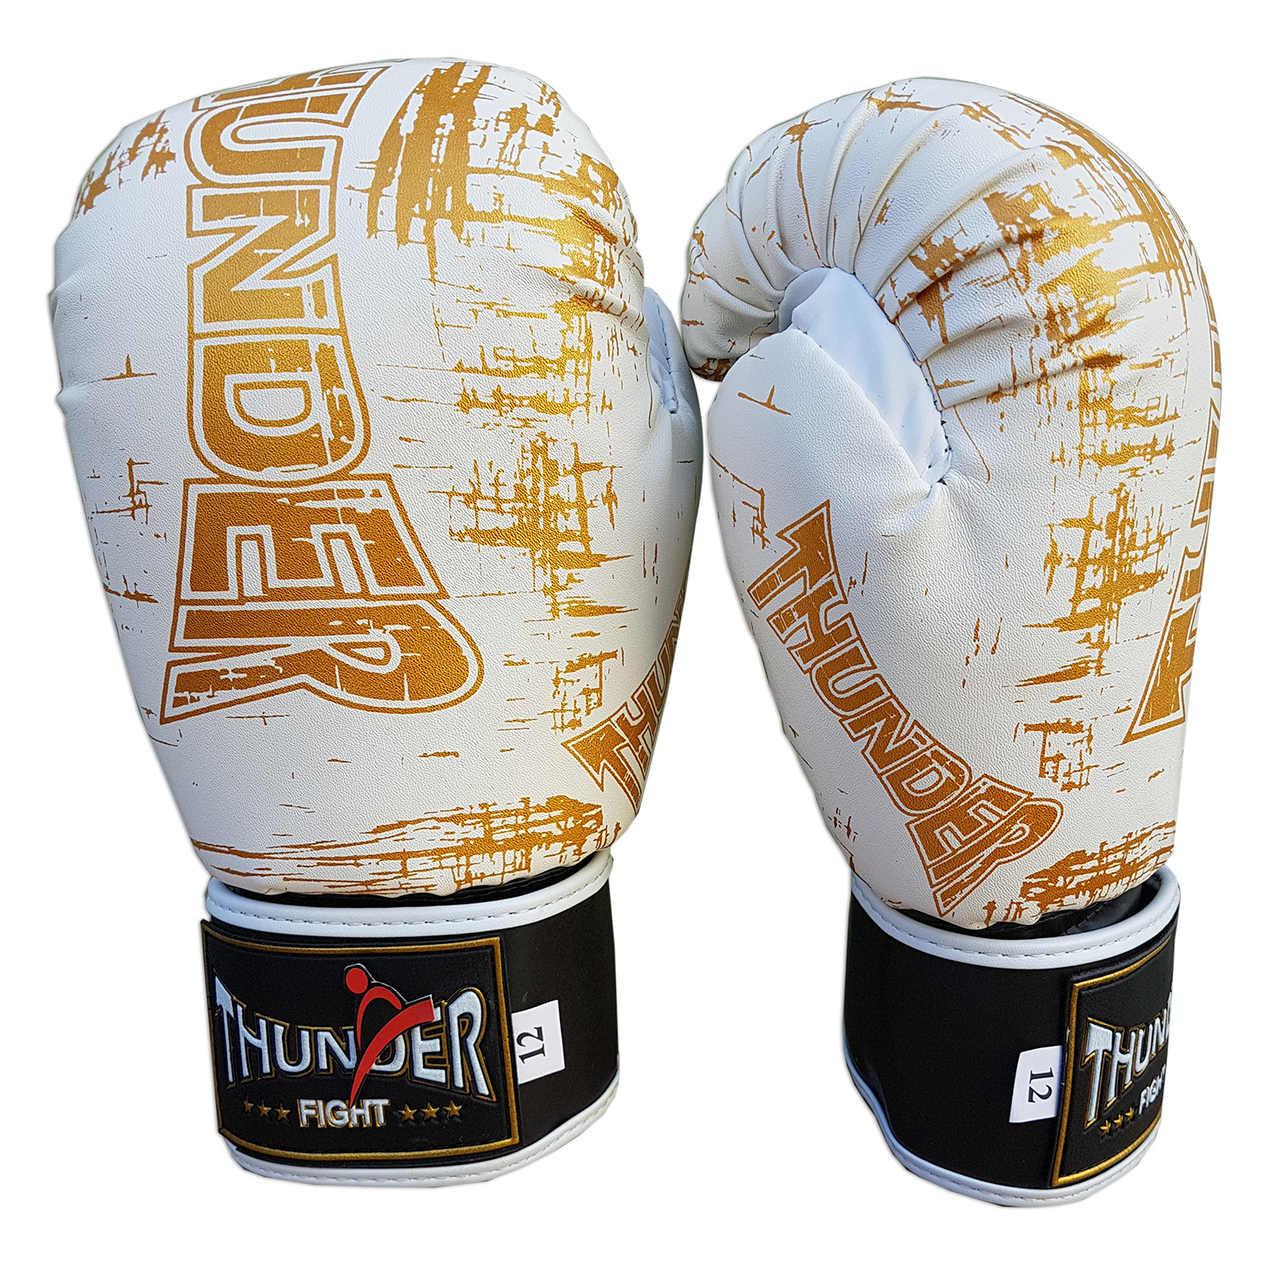 Luva de Boxe / Muay Thai 12oz - Branco Riscado - Thunder Fight  - PRALUTA SHOP